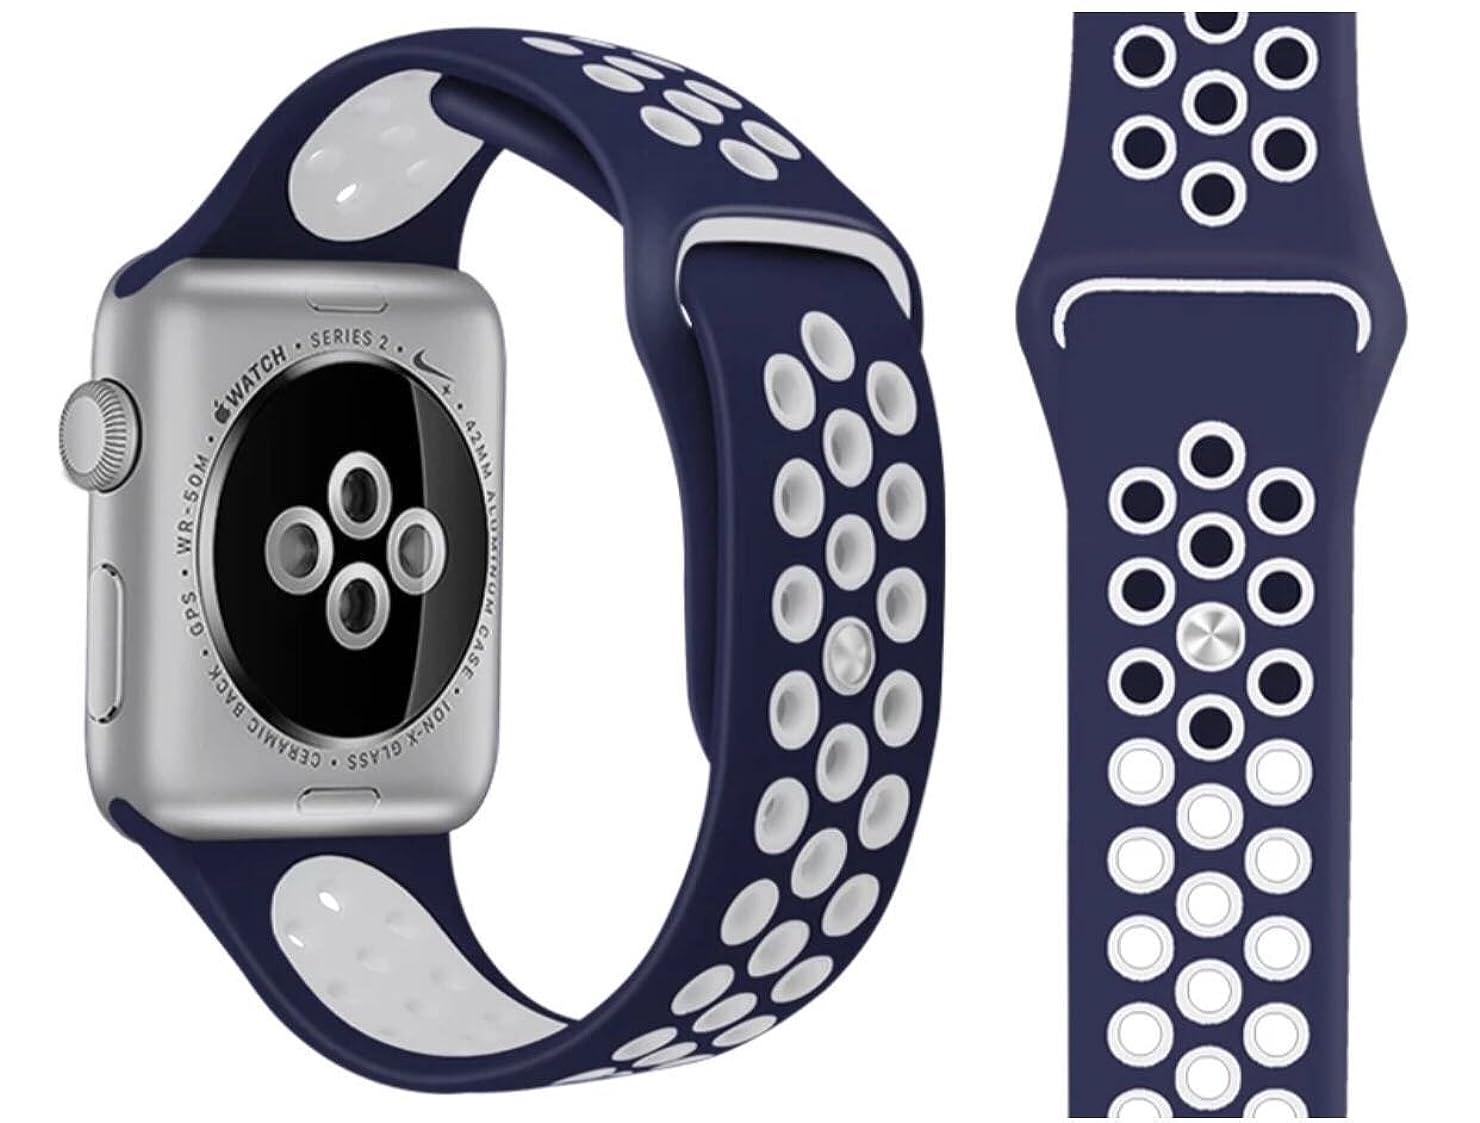 財団コンクリート余分なApple Watch スポーツバンド 高級シリコンバンド Nike/New Apple iWatch Series 3/Series 2 Series 1 対応 通気 汚れ防止 水洗い可 42mm ((ブルー+ホワイト))